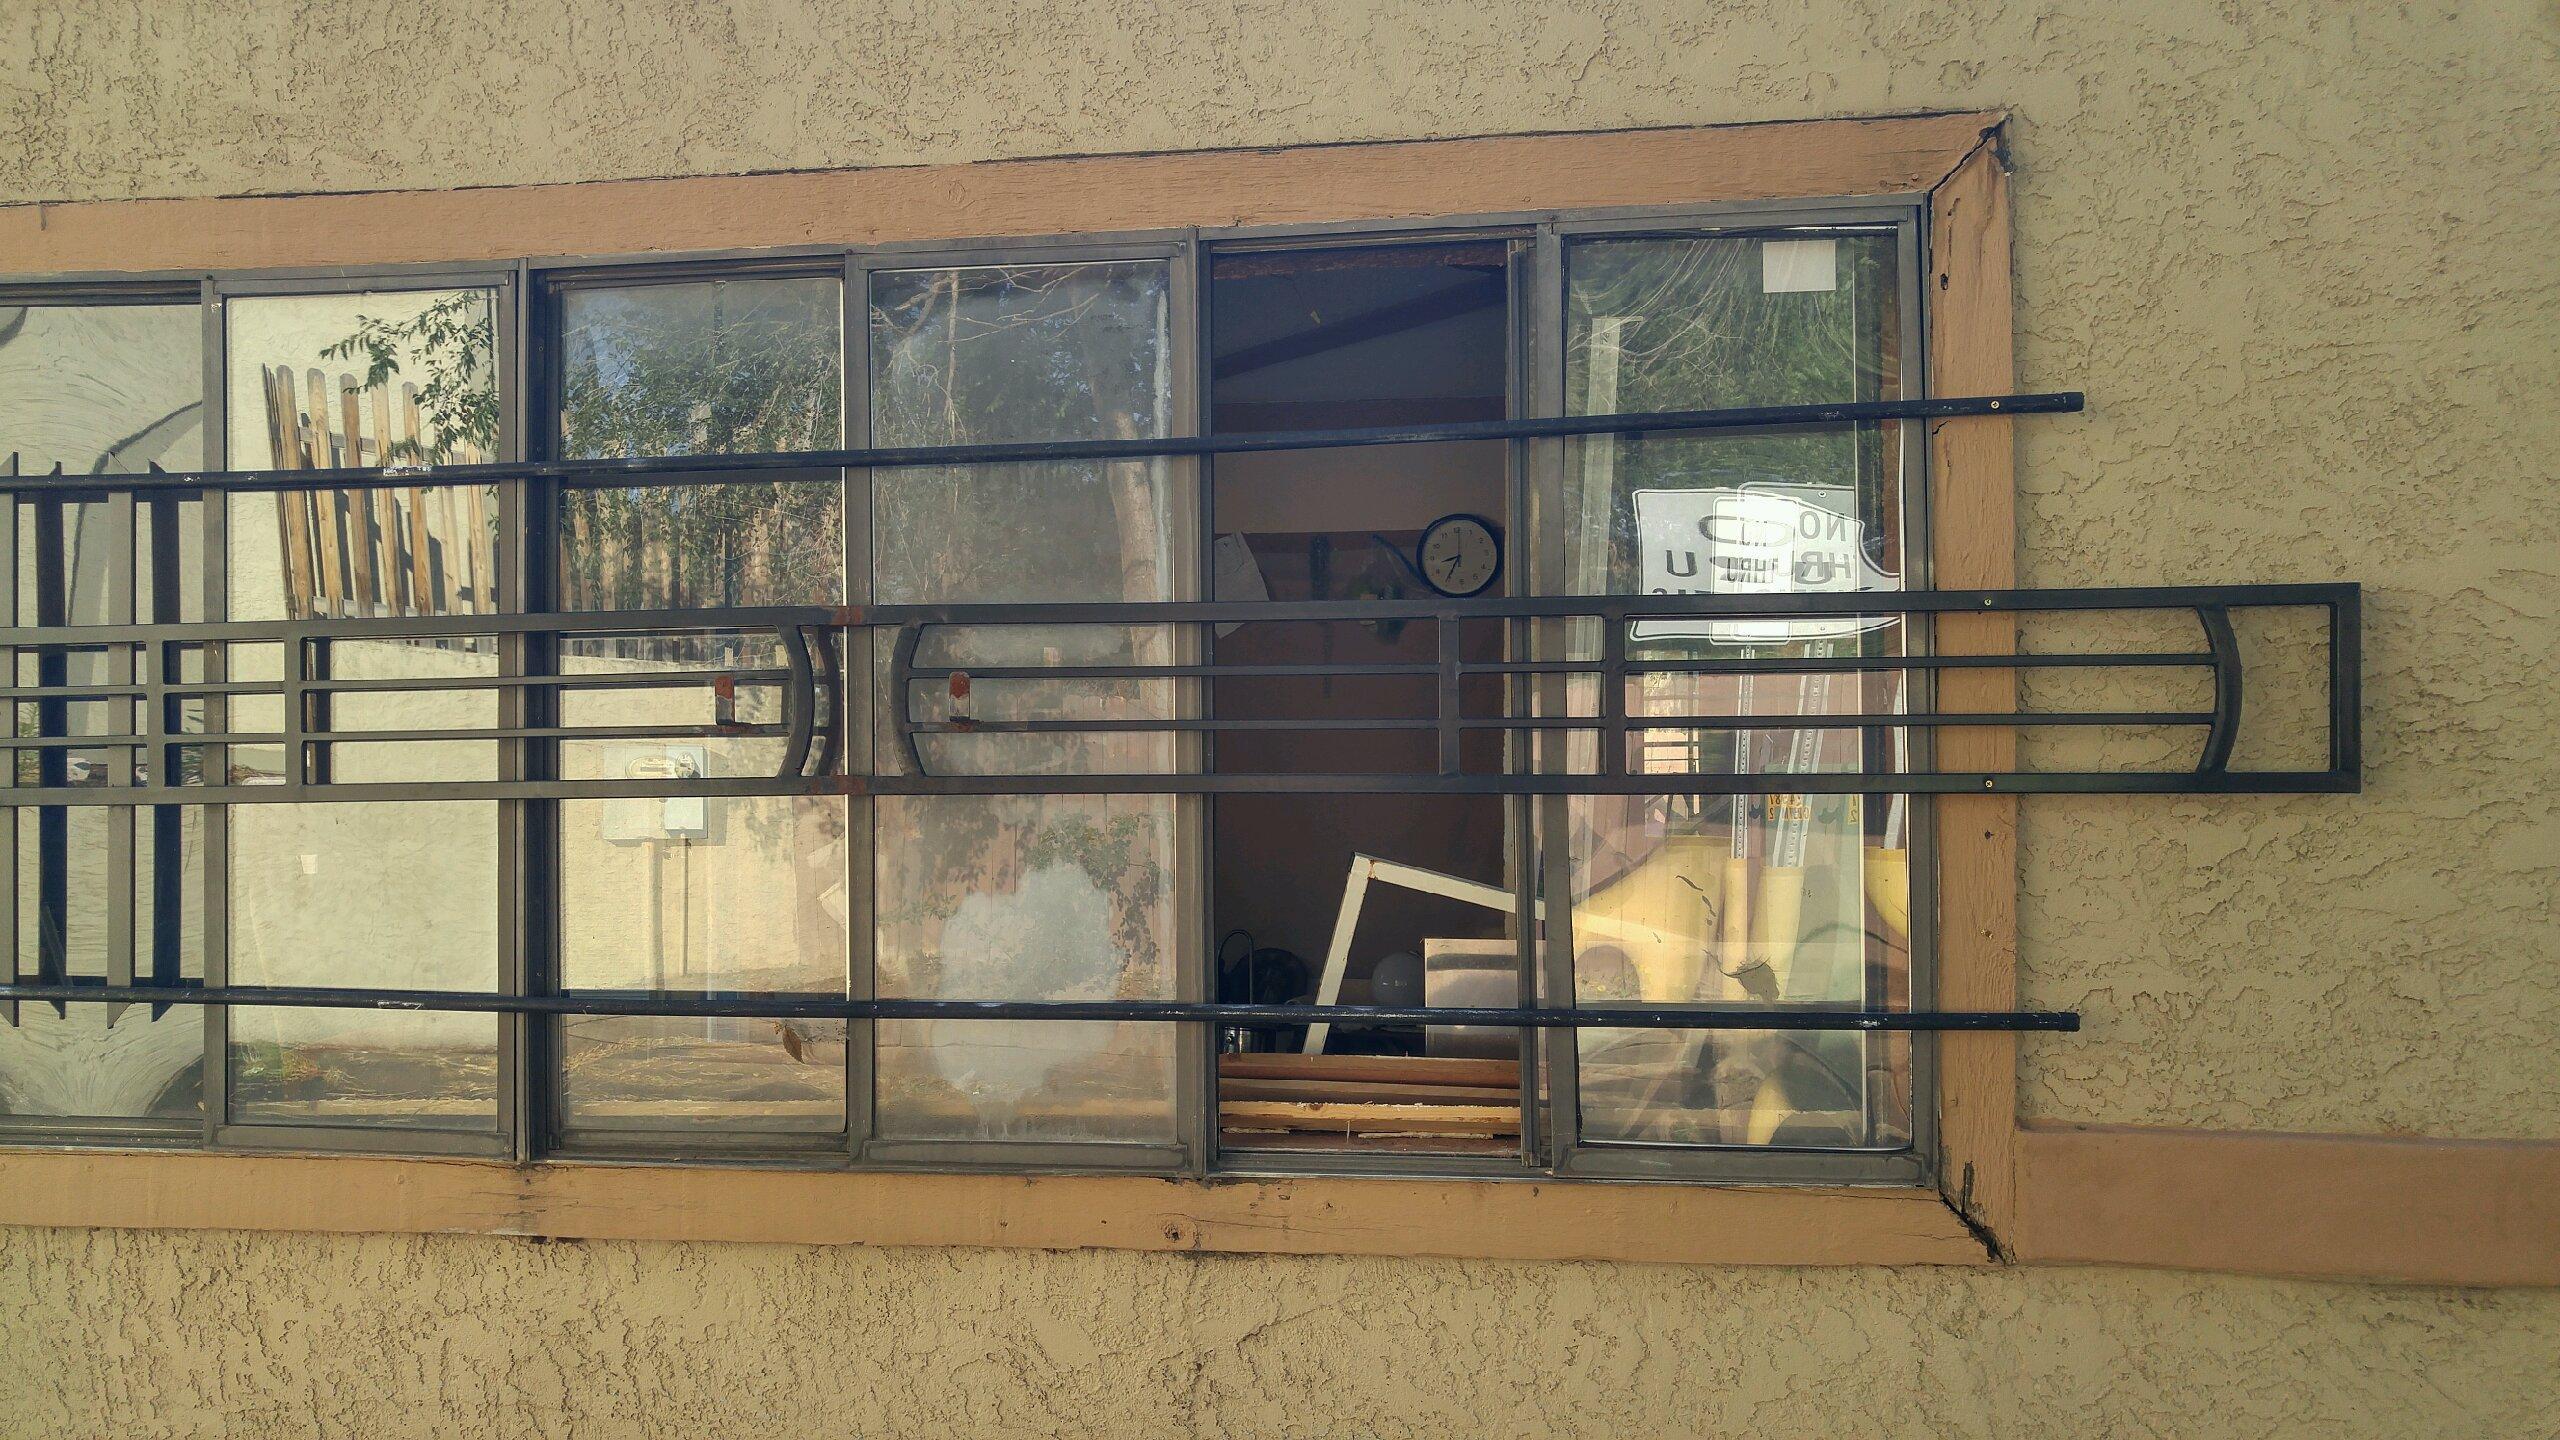 Broken window to pool